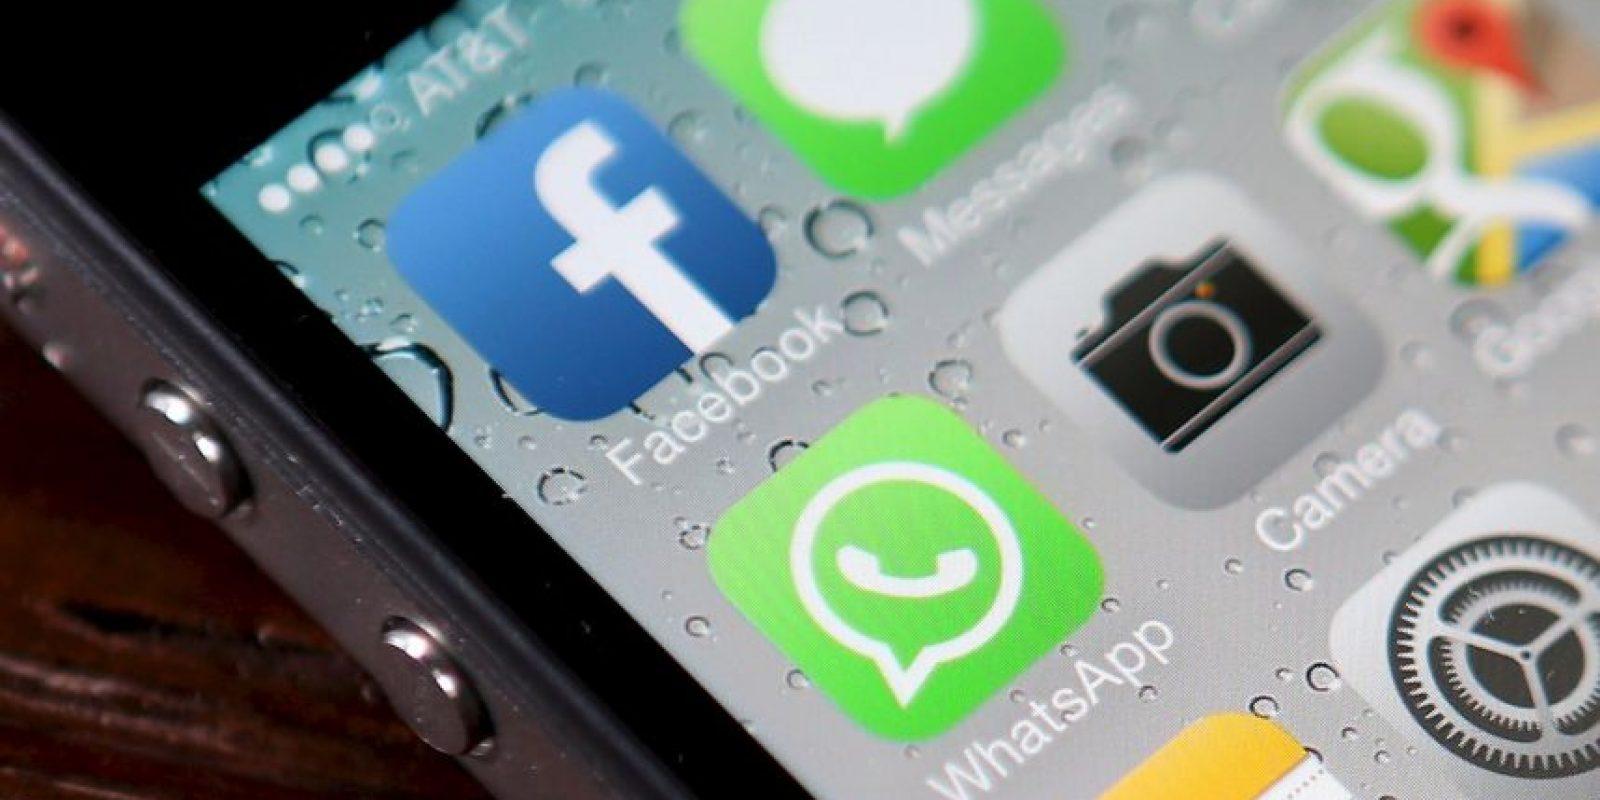 ¿Recuerdan WhatsApp Spy? ESta aplicación aseguraba espiar las conversaciones de tus contactos. La app no funcionó nunca además de resultar ilegal. Foto:Getty